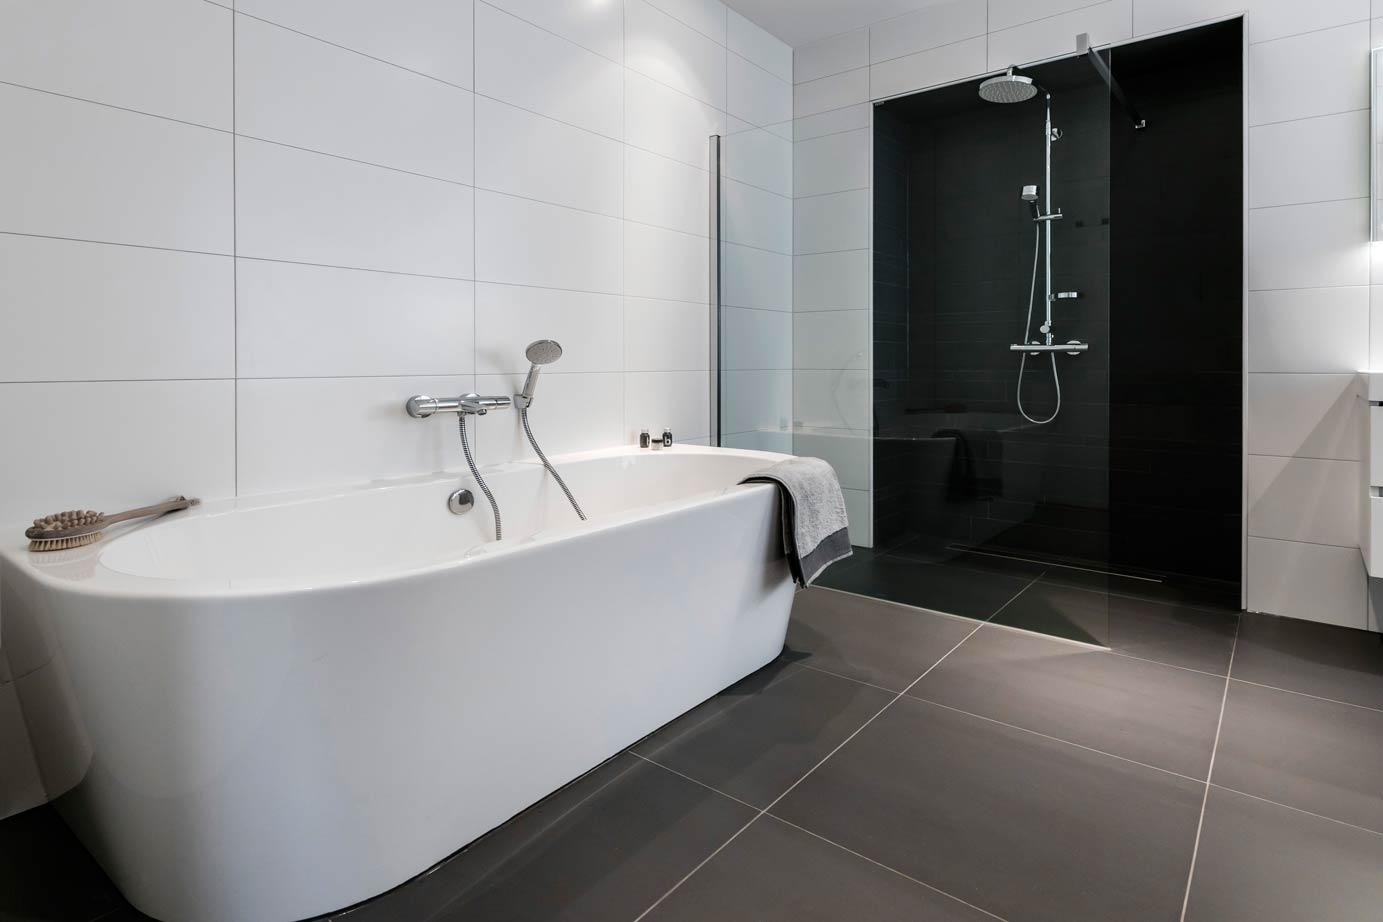 Showroom Badkamer Kopen : Badkamer kopen ruime keus vele stijlen en lage prijzen db keukens